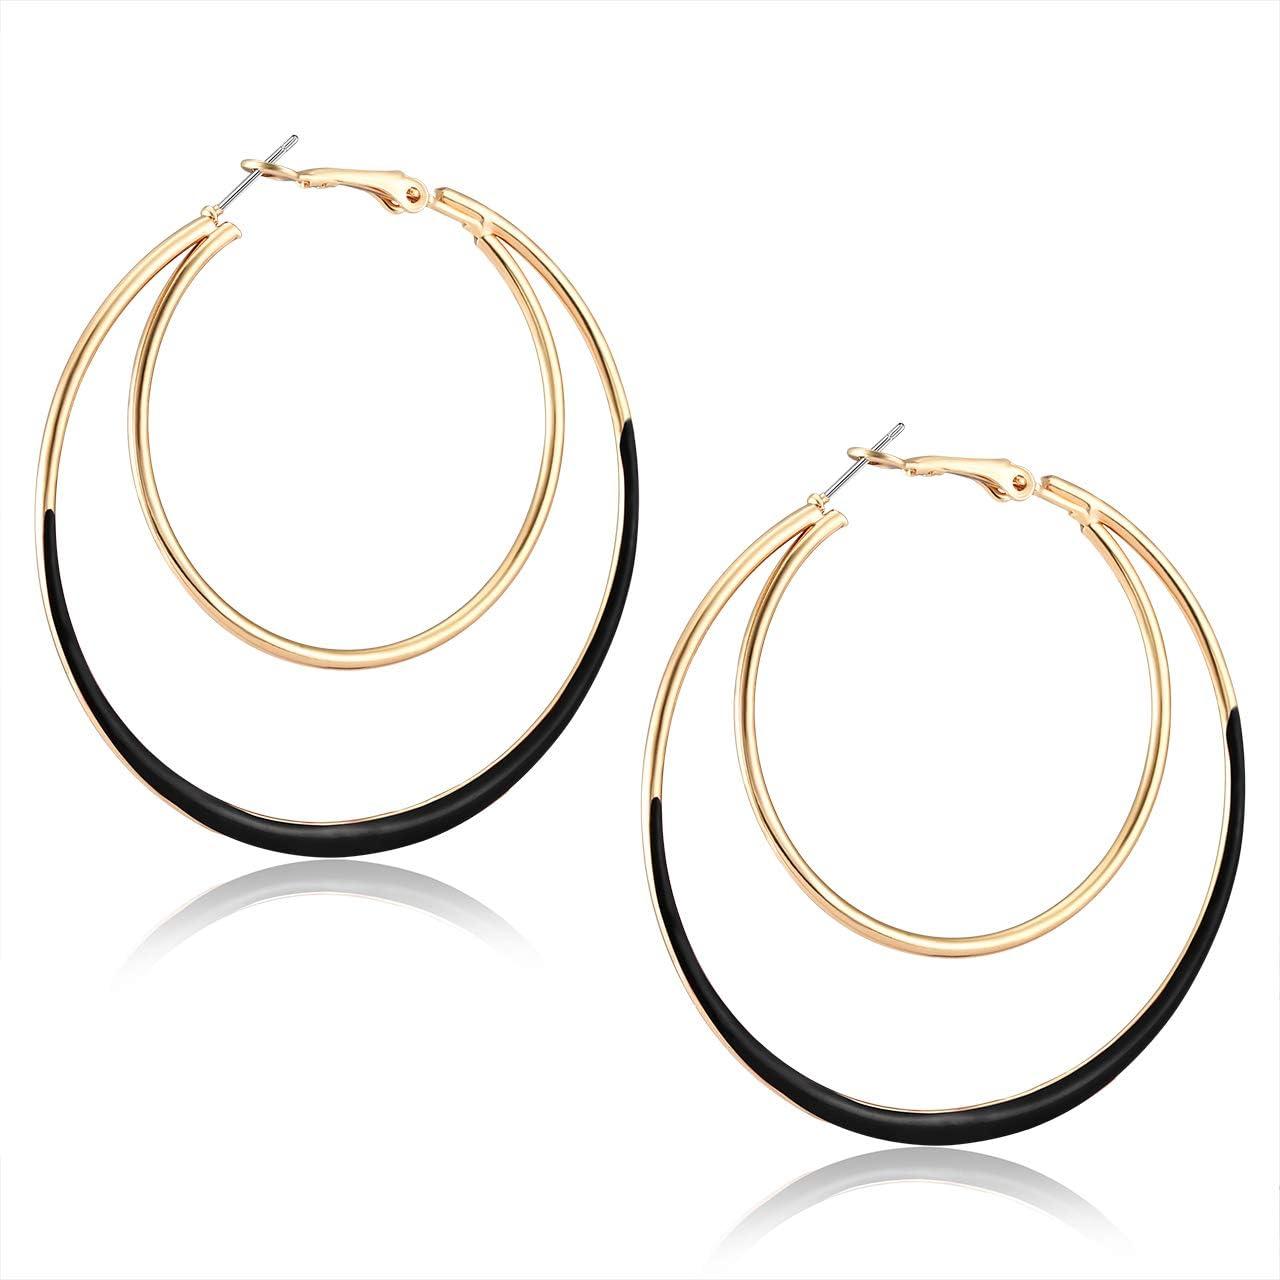 YOUMI Hoop Earrings for Women Statement Double Circle Earrings Geometric Glazed Layers Oval Drop Dangle Earrings